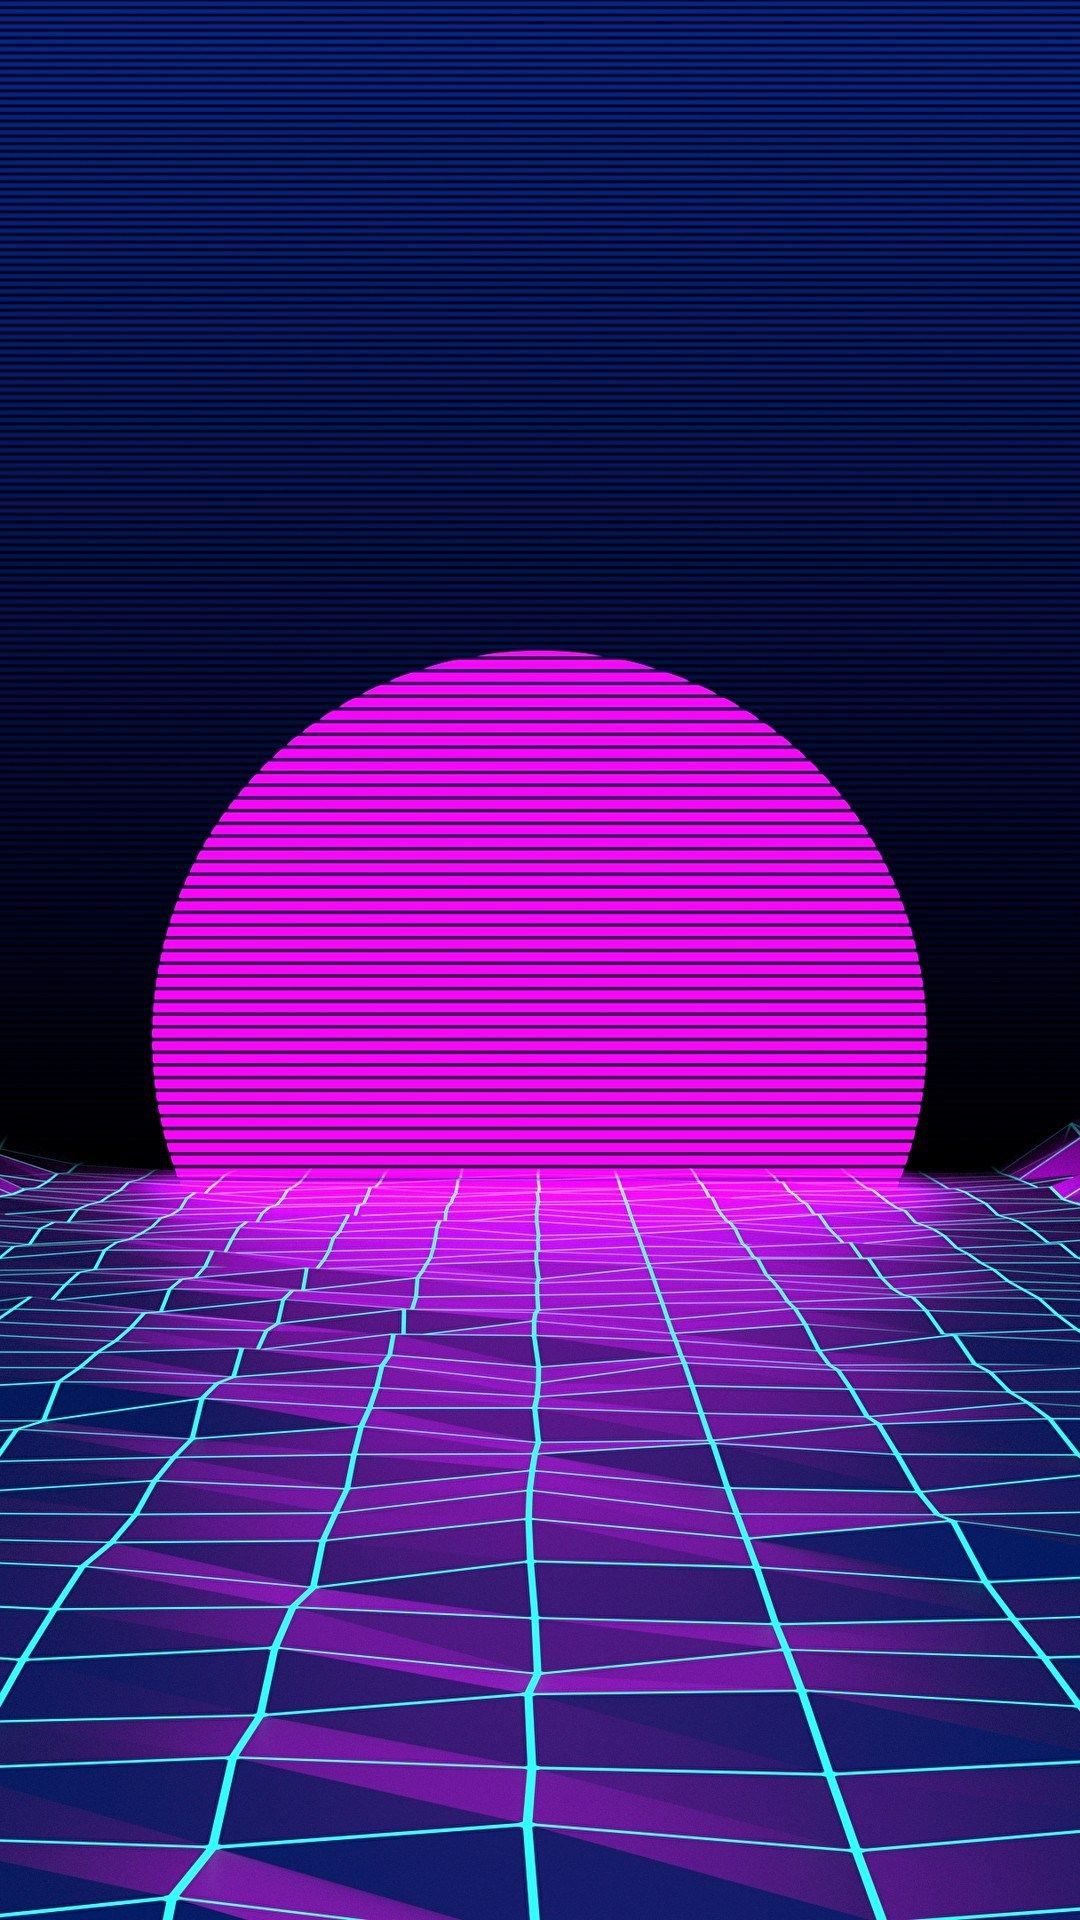 Neon 80s Wallpaper 78 Images in iphone wallpaper 80s | Art | Iphone wallpaper 80s, Vaporwave ...